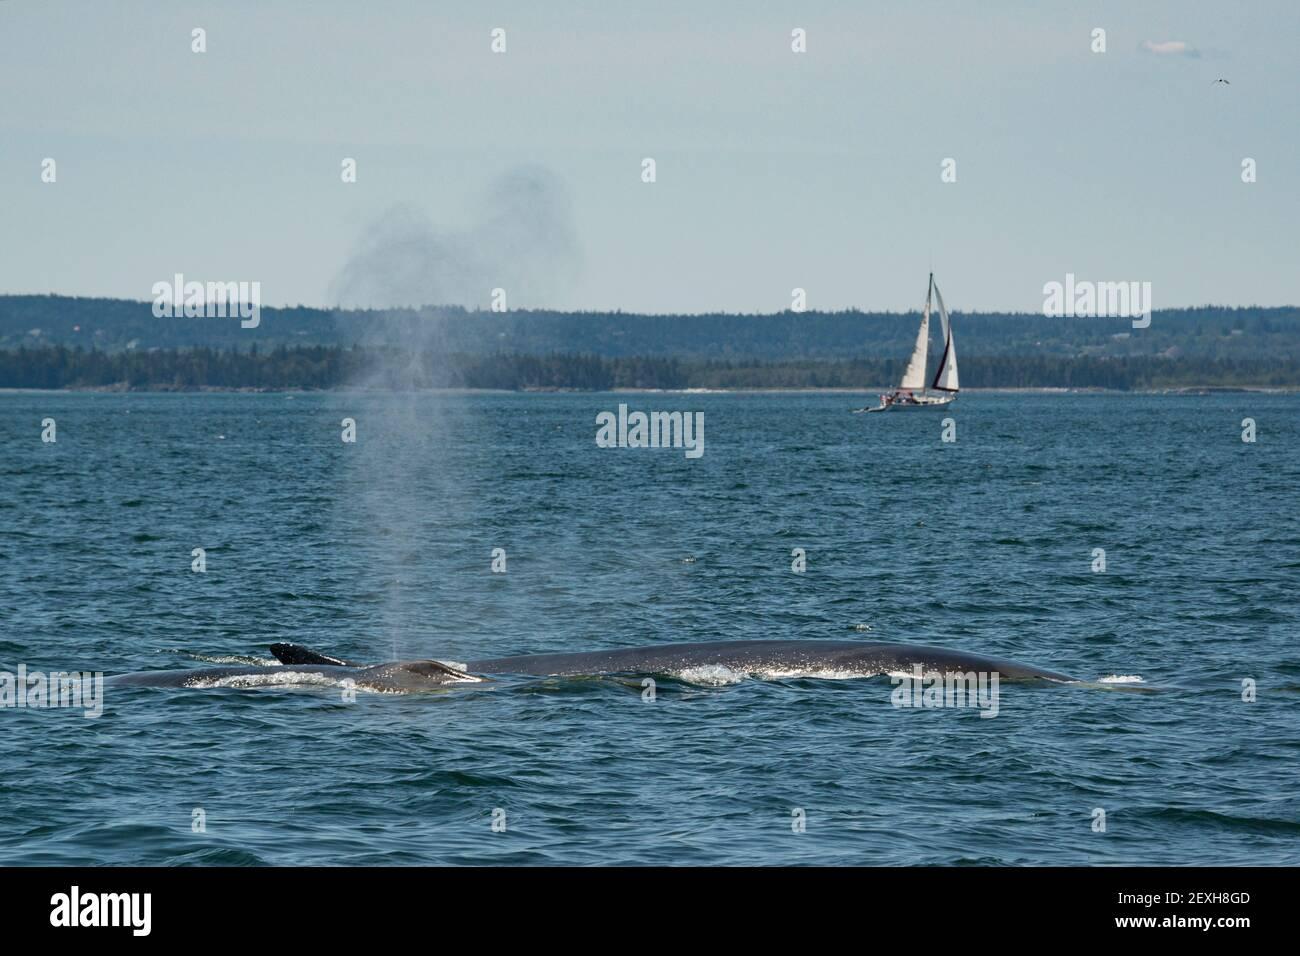 Finnwale oder Finback-Wale, Balaenoptera physalus, vor der Grand Manan Island wehen oder sprießen, mit Segelboot im Hintergrund, Bay of Fundy, NB, Kanada Stockfoto